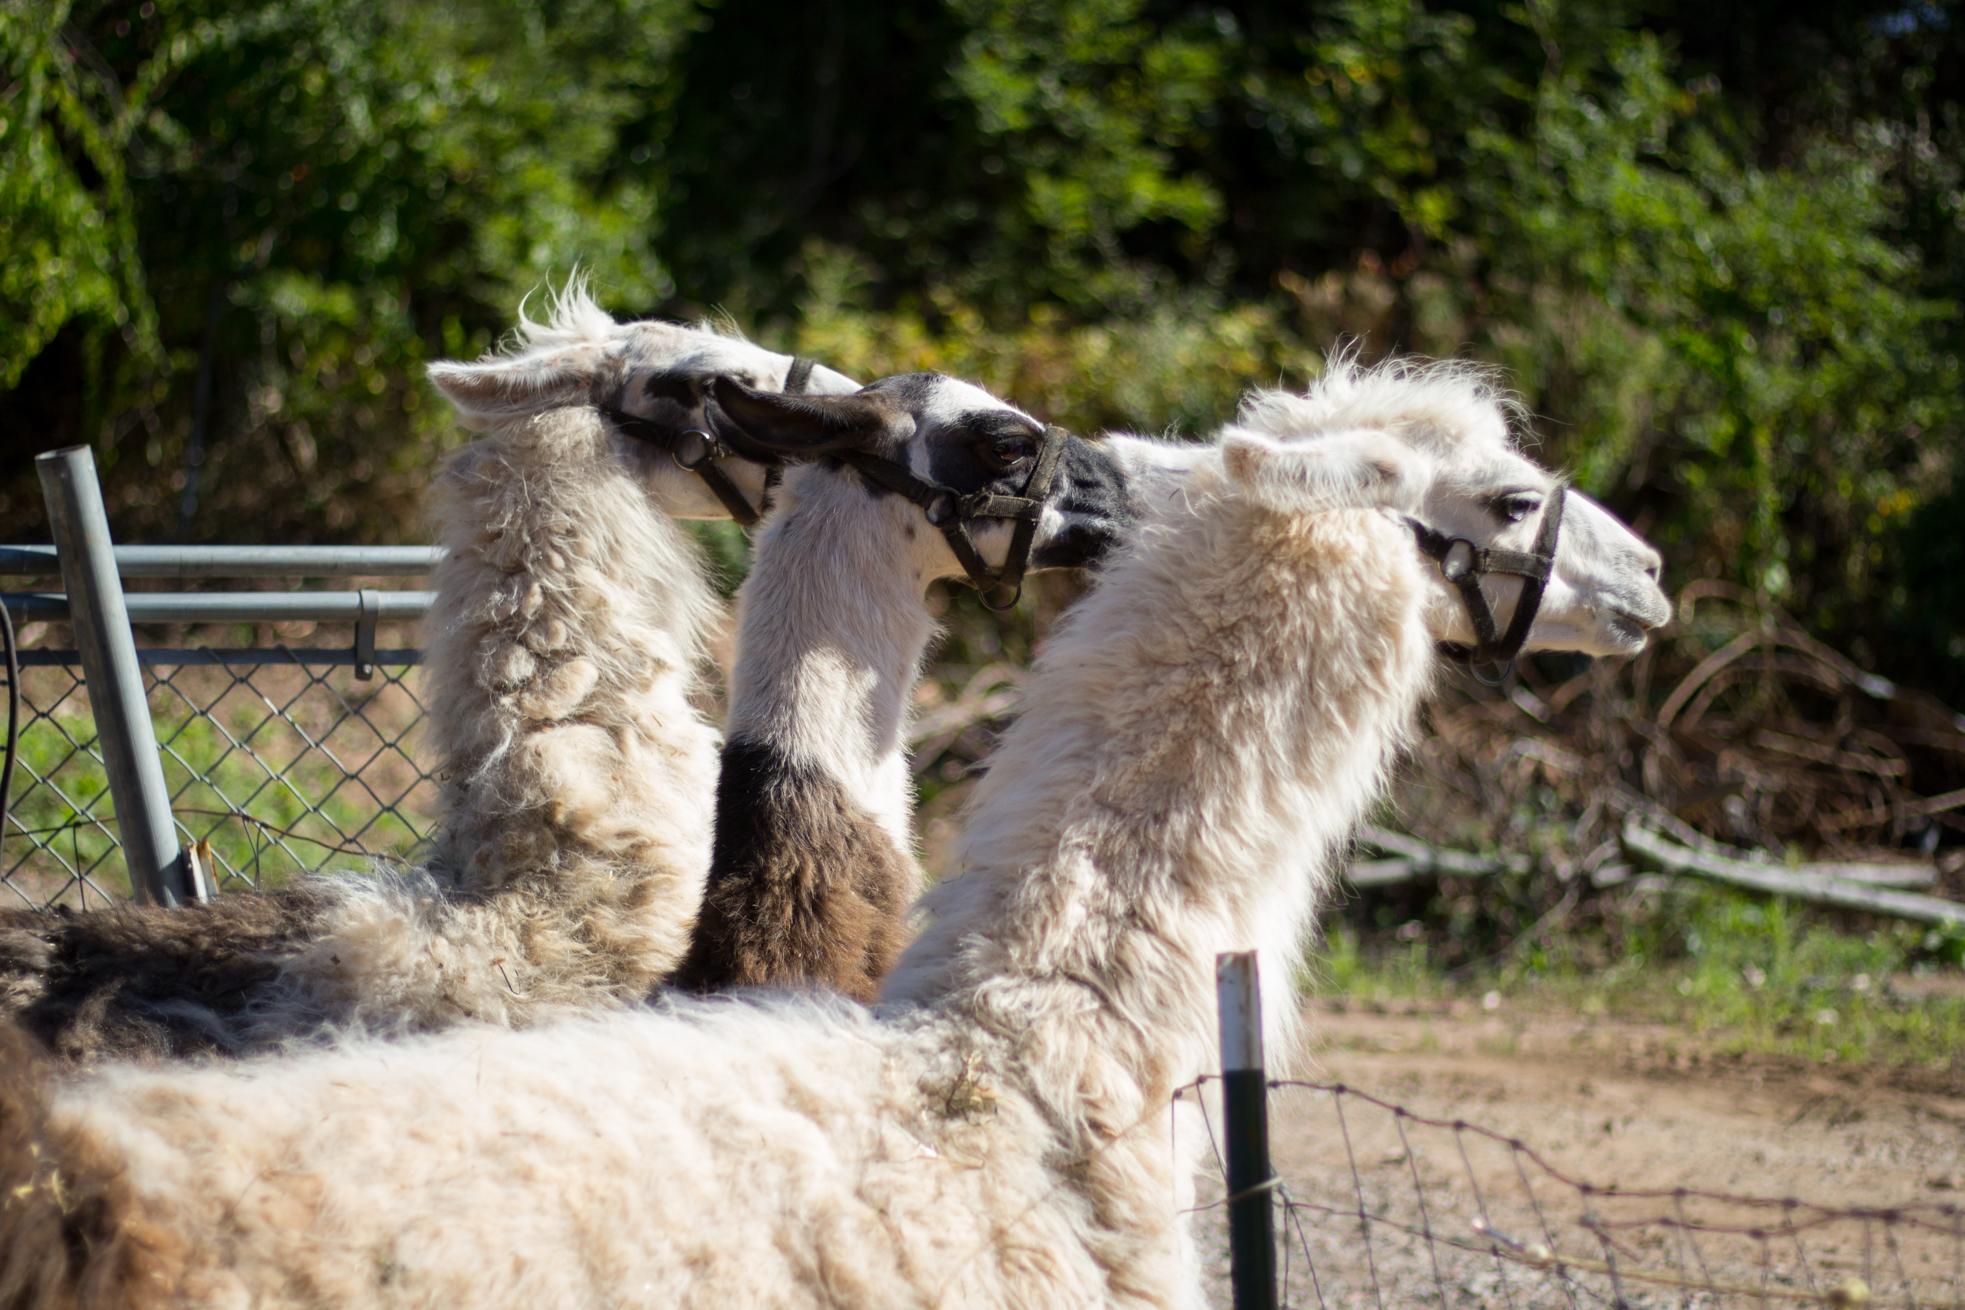 llamas eating